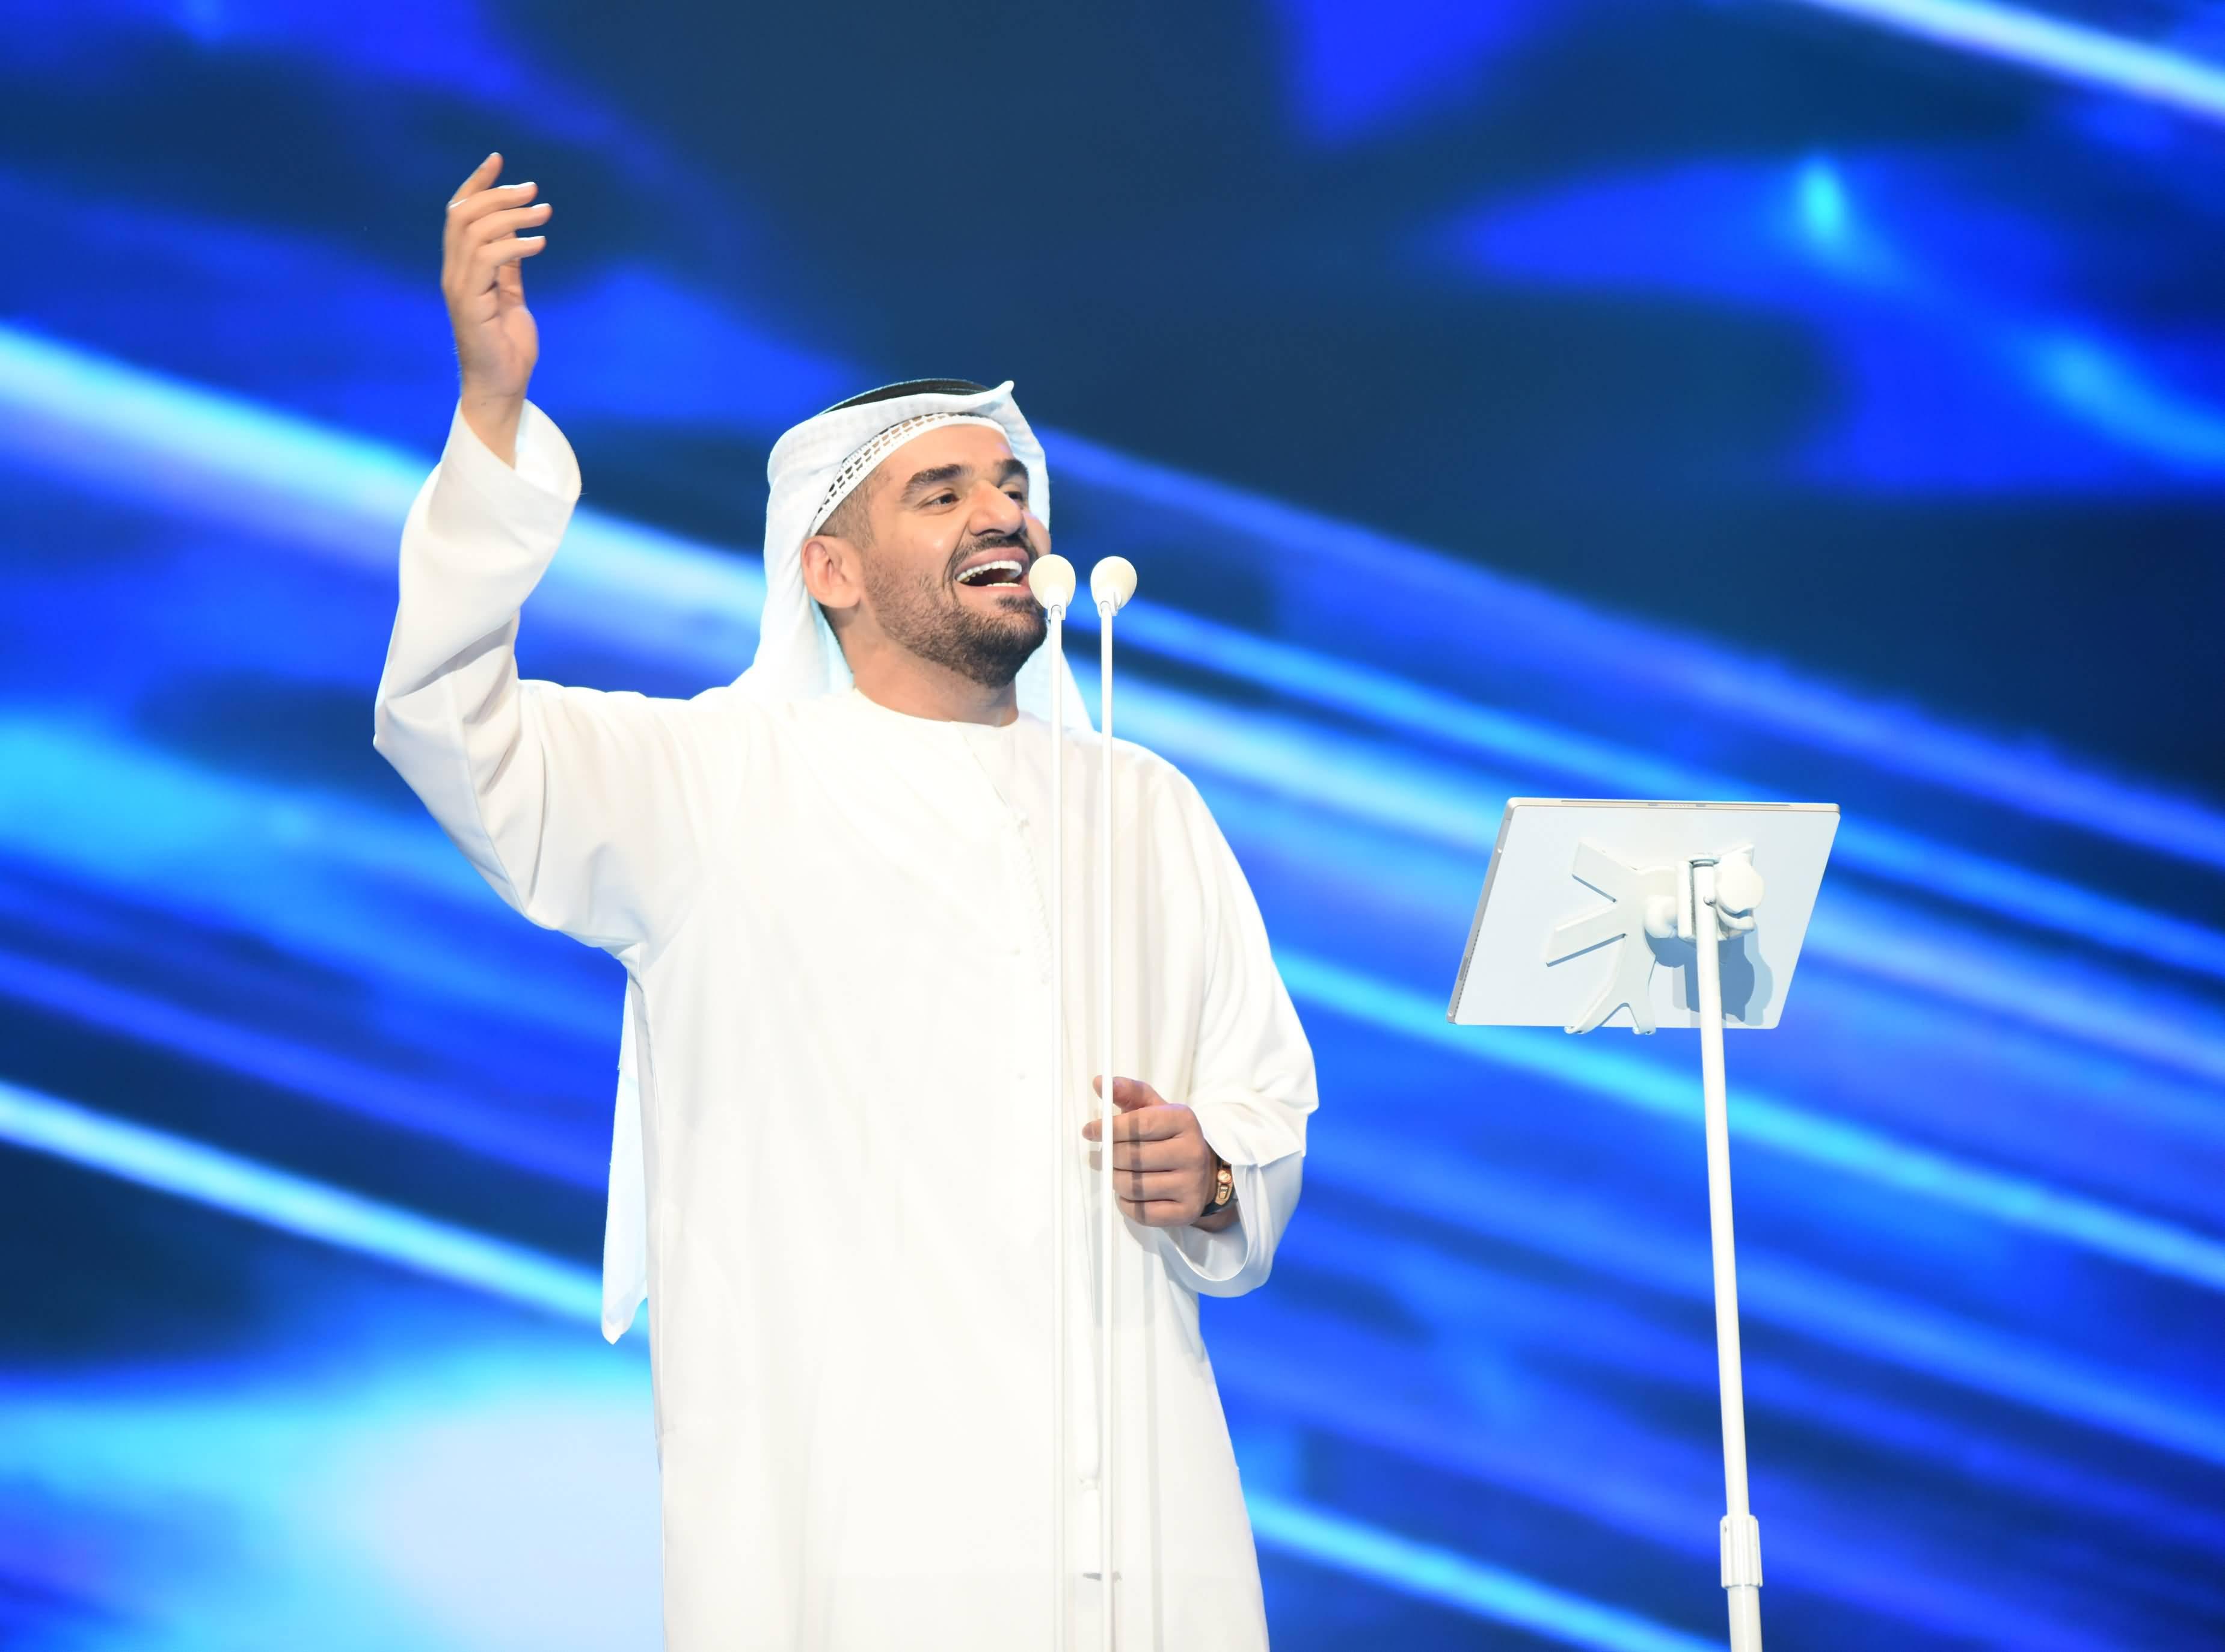 حسين الجسمي أول مطرب عربي يحيي حفلا على مسرح دبي أوبرا